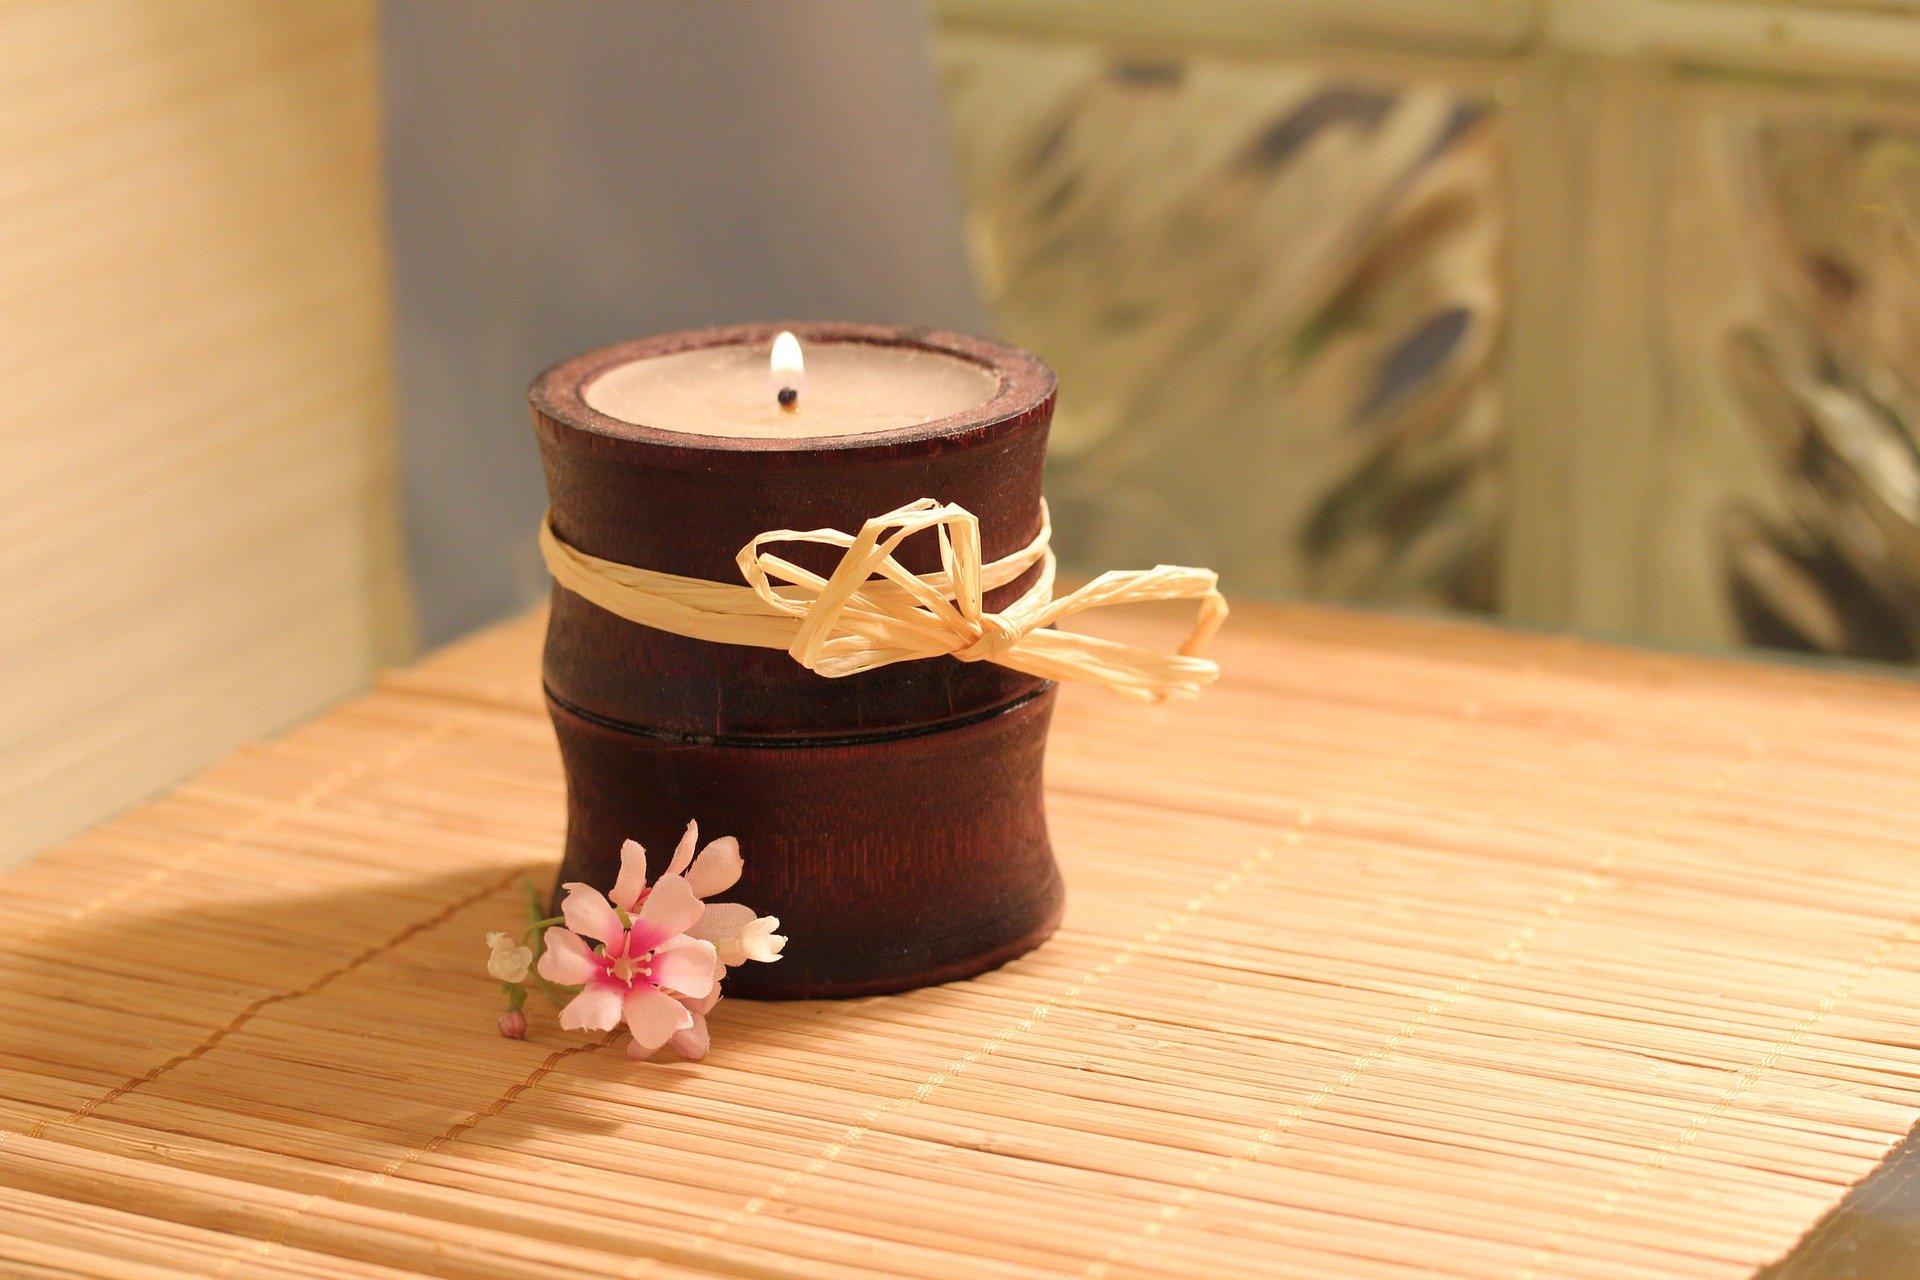 Bougies aux huiles essentielles, à la fois décoratives et parfumées